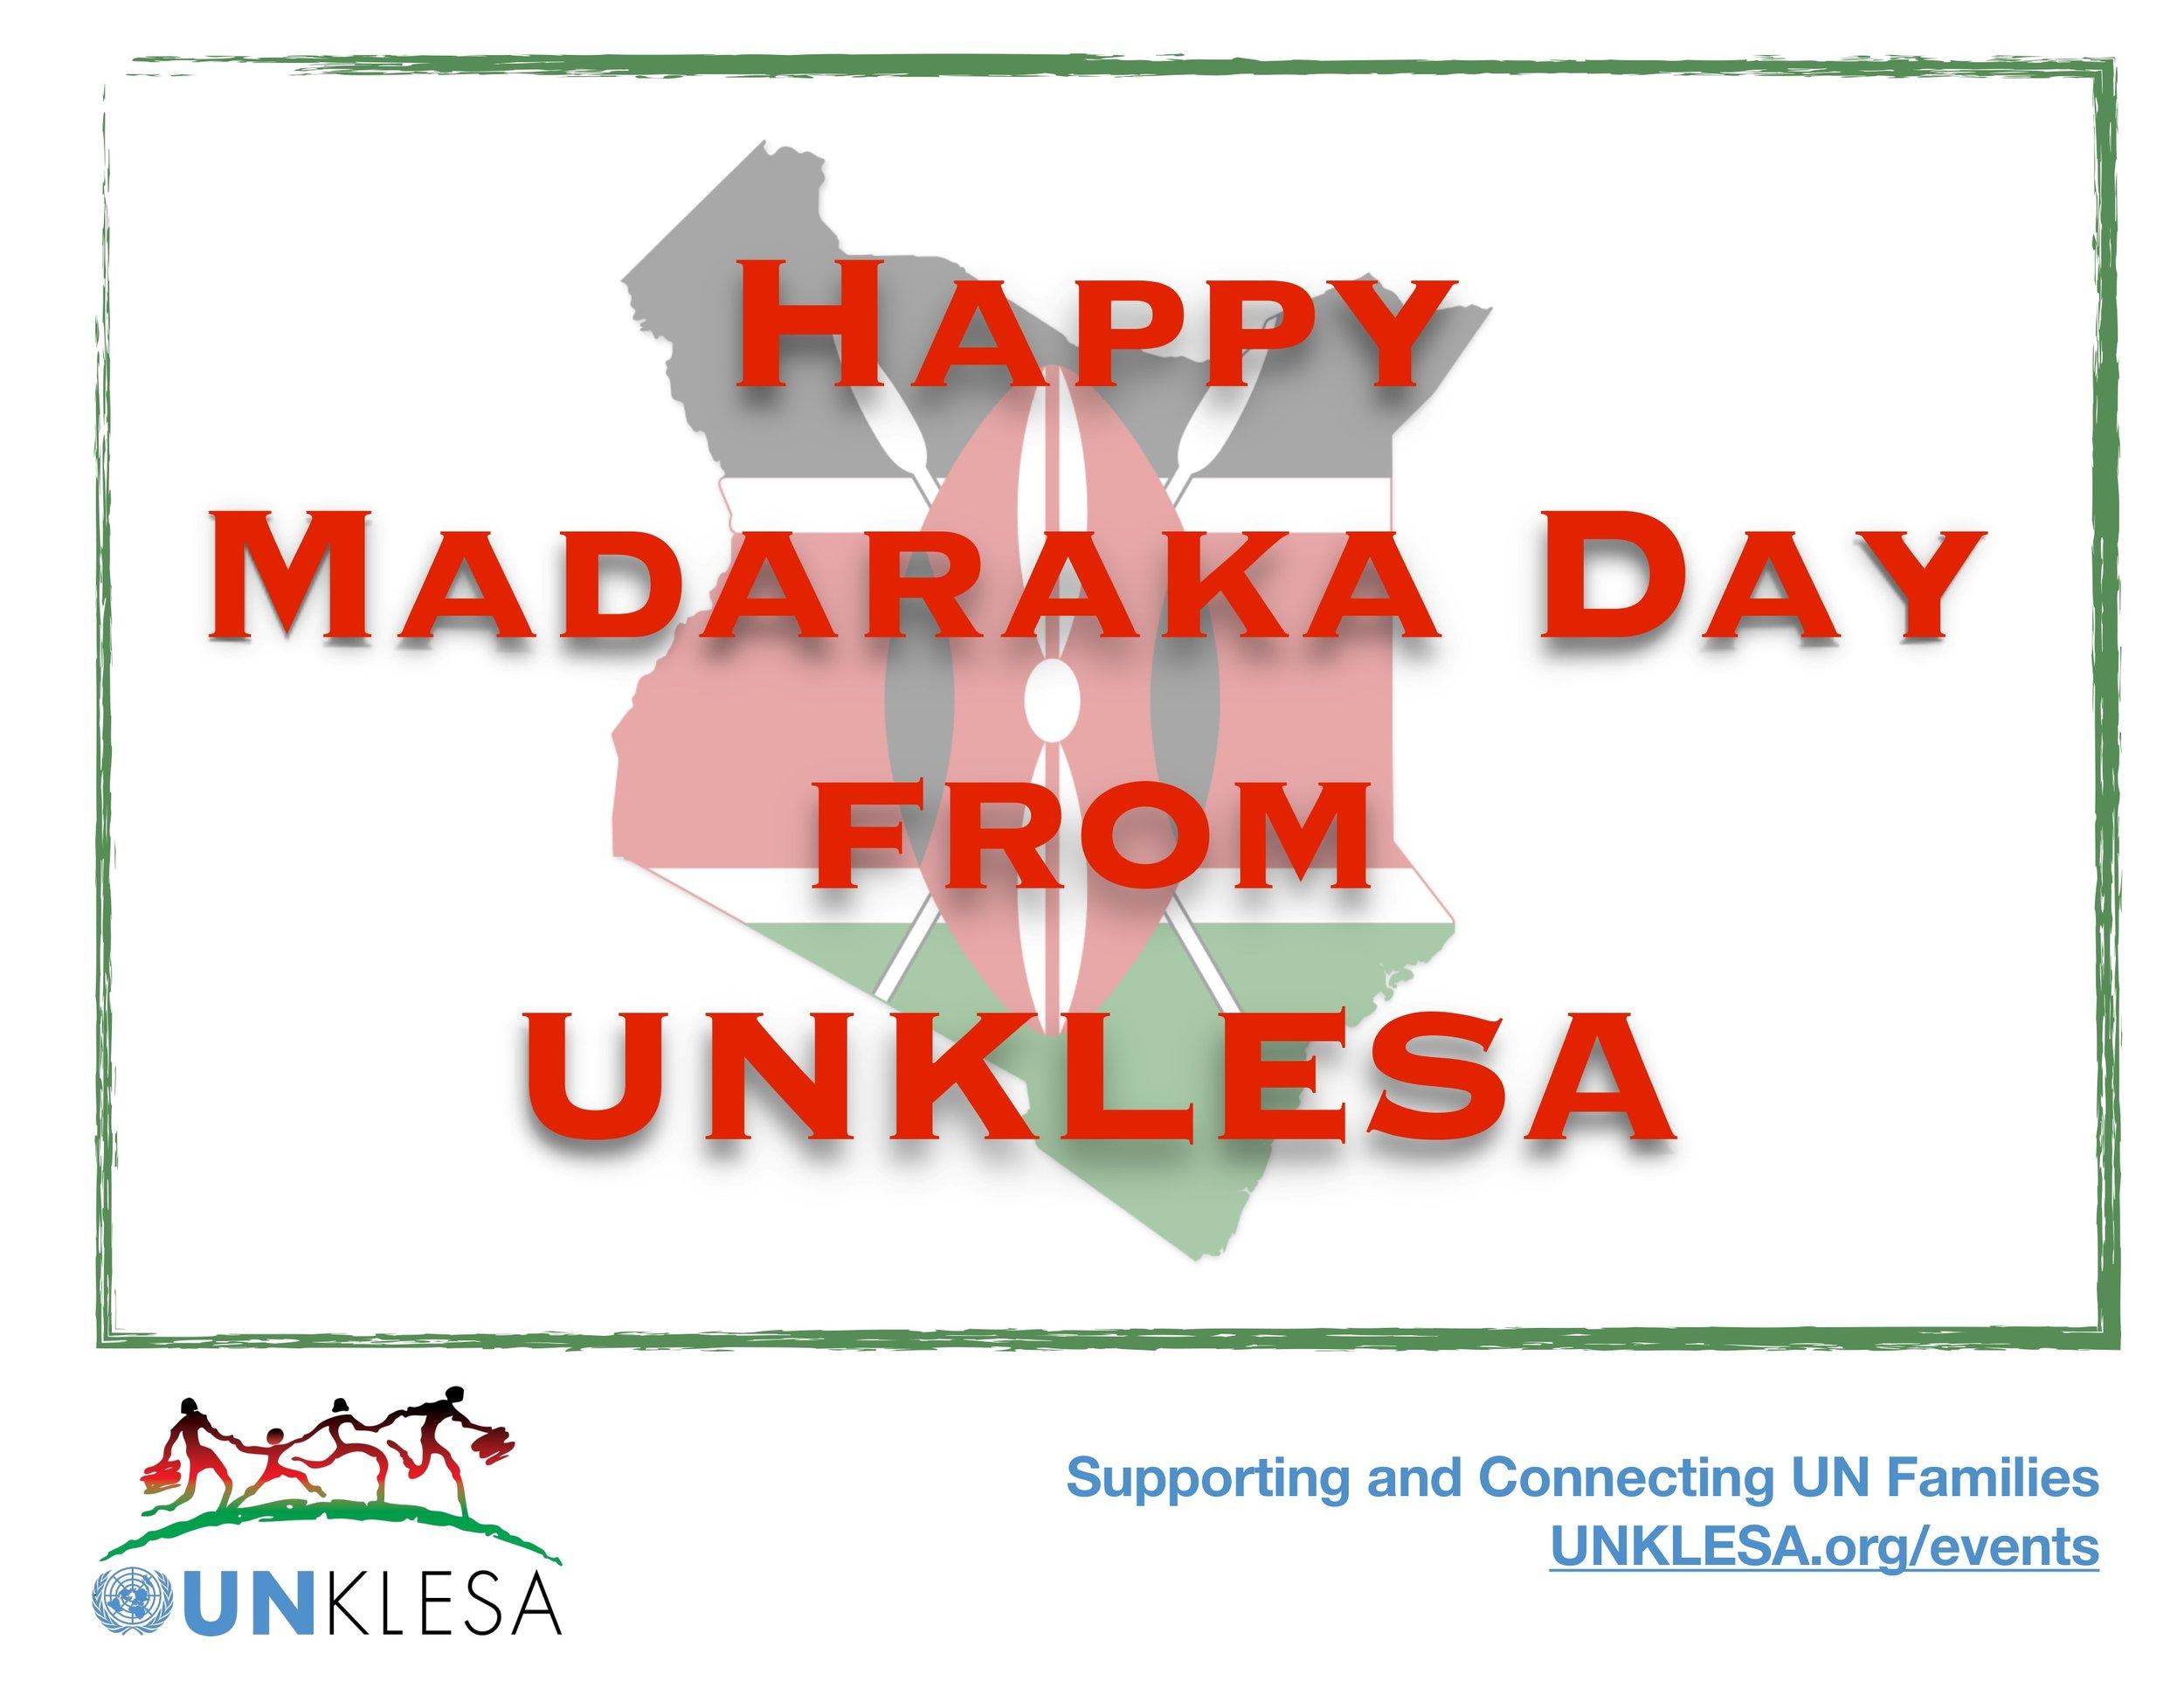 UNKLESA_MadarakaDay.jpg